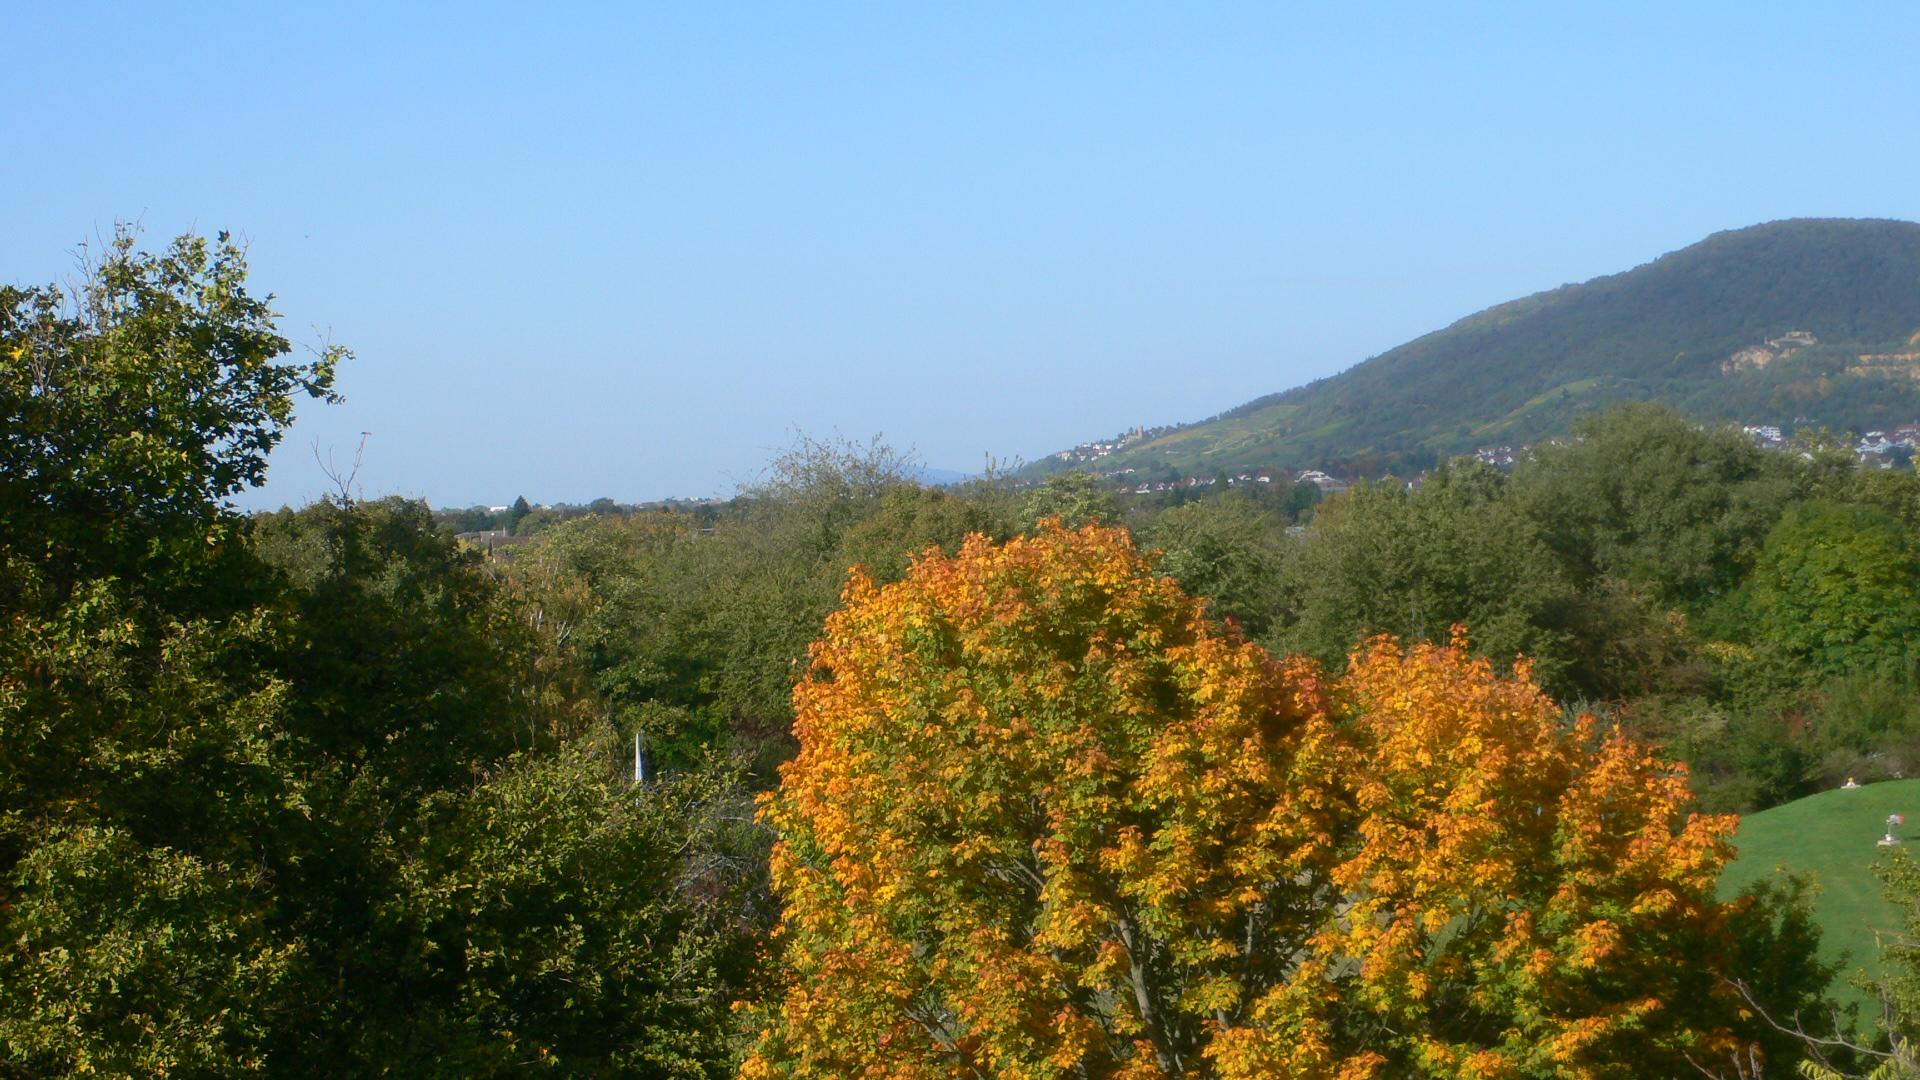 Blick auf die Felder Richtung Handschuhsheim